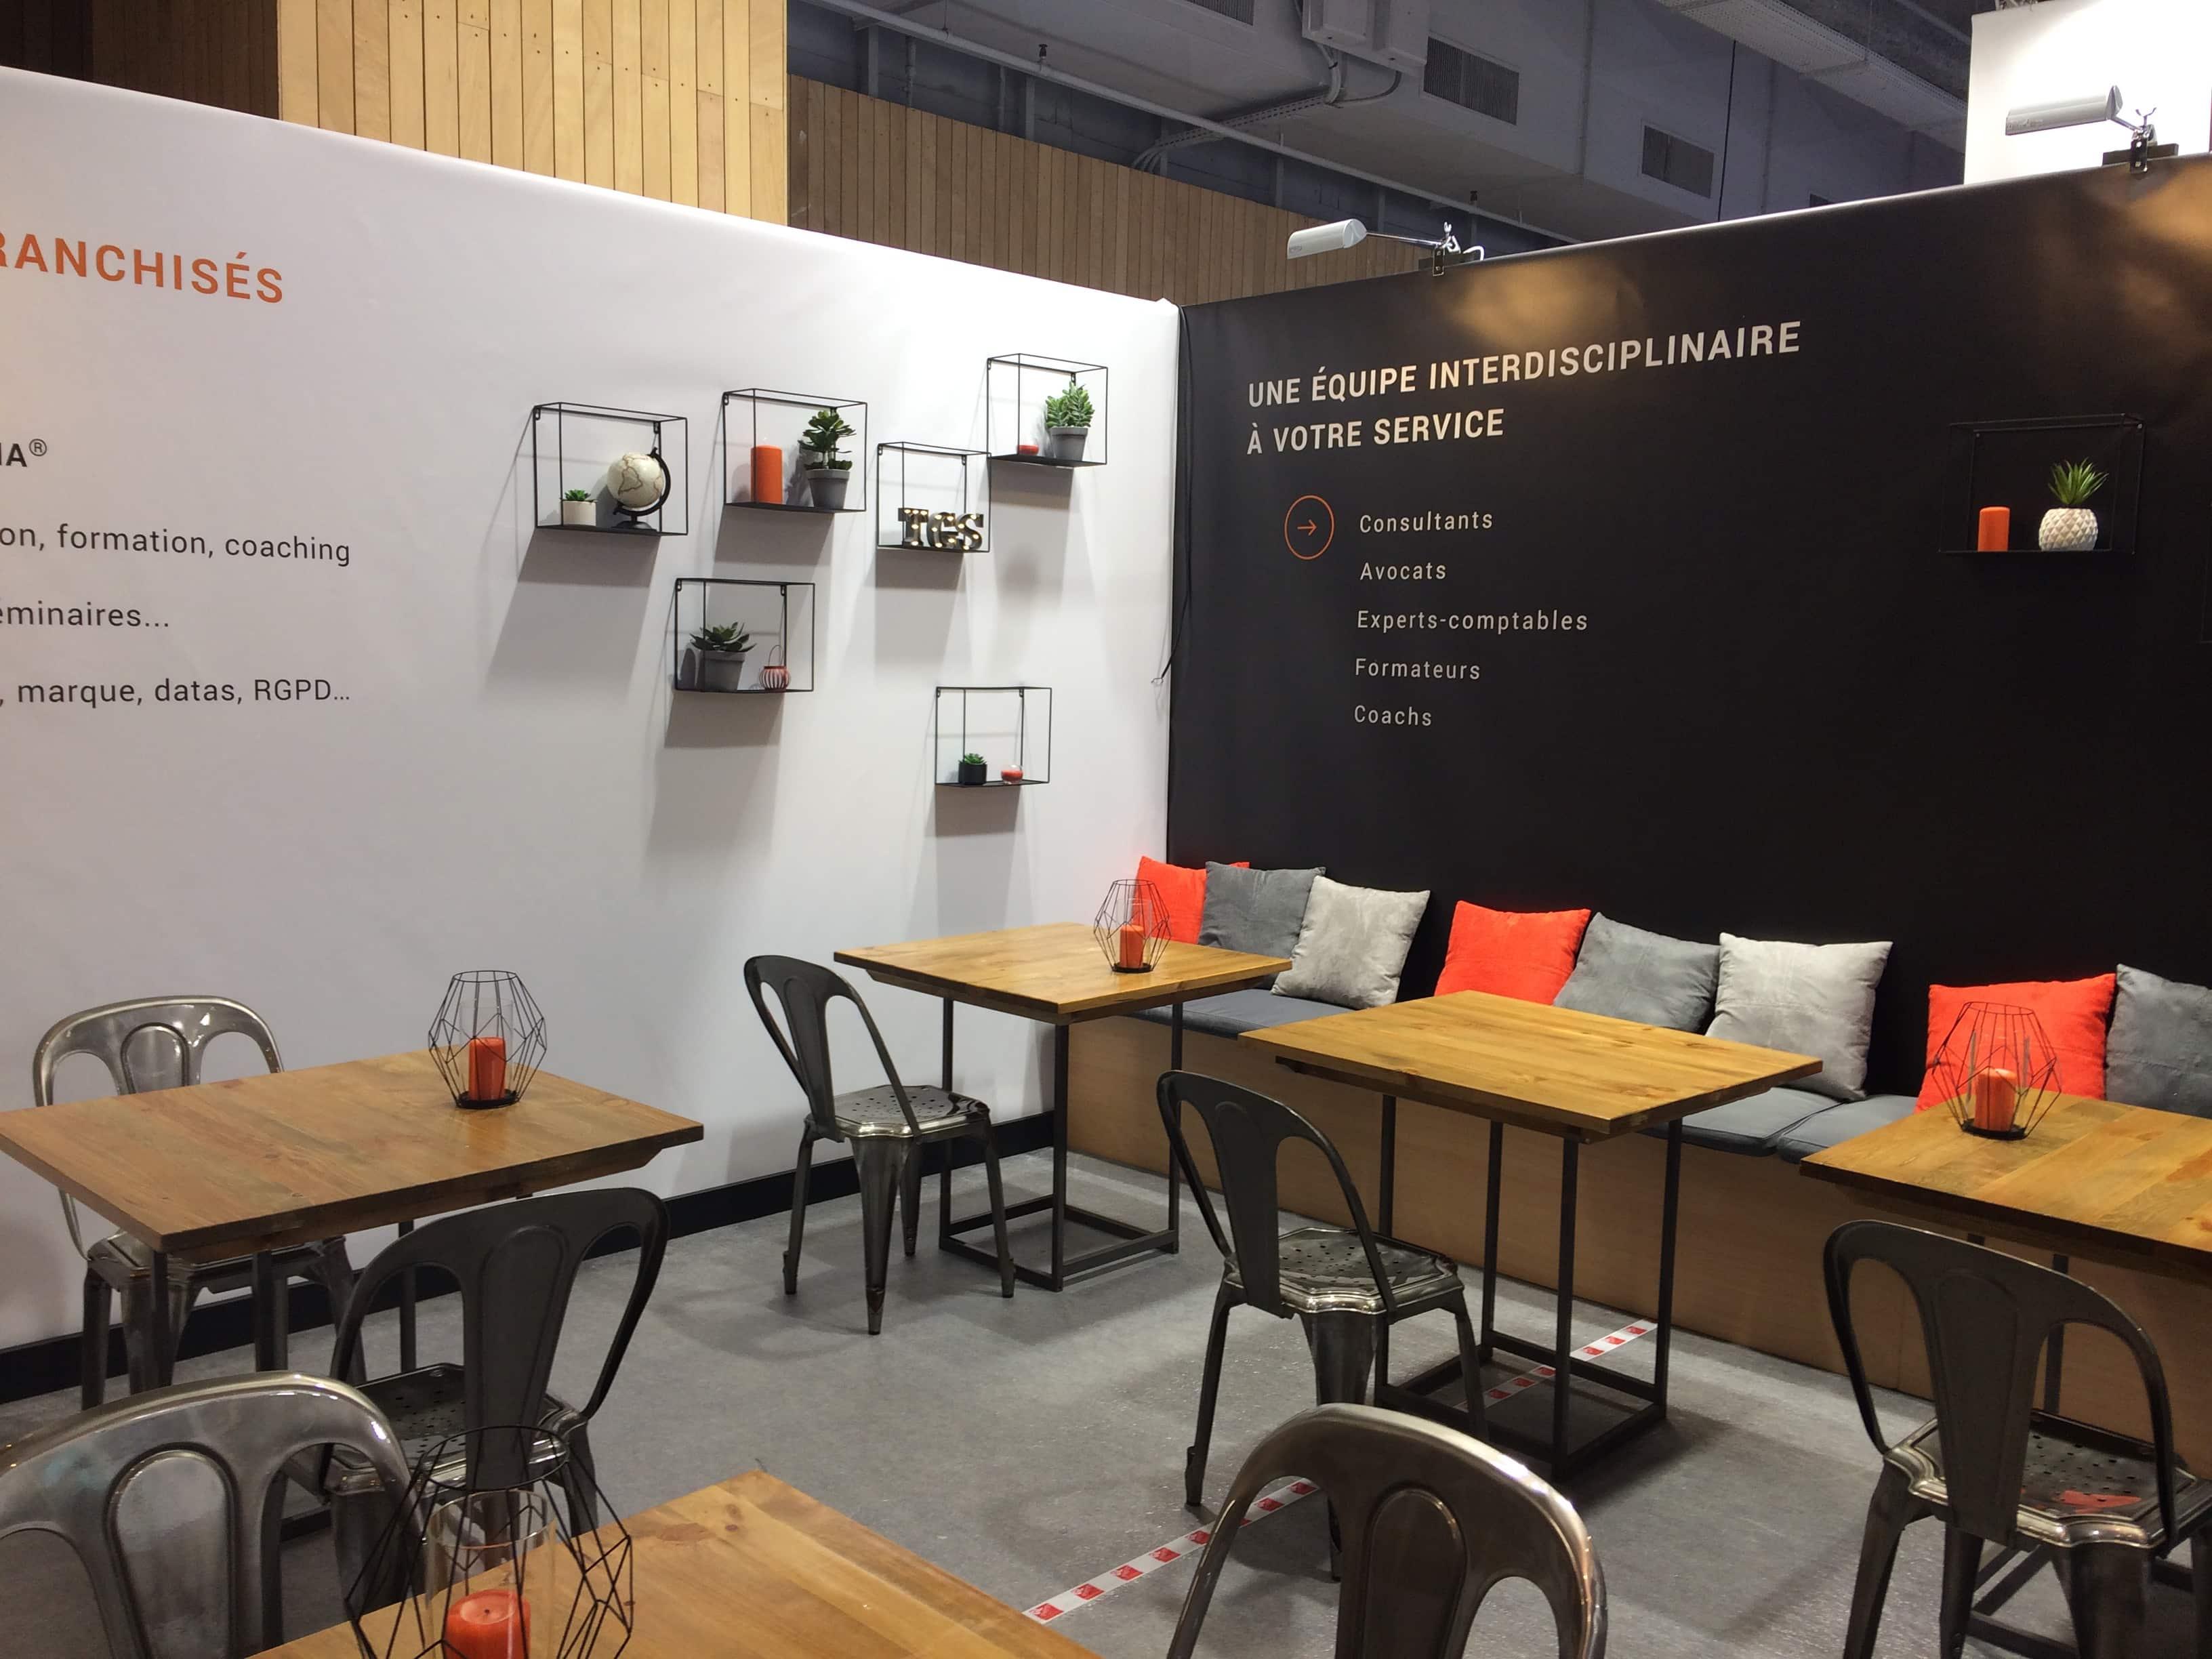 TGS FRANCE était présent sur le salon franchise expo 2019 à Paris.